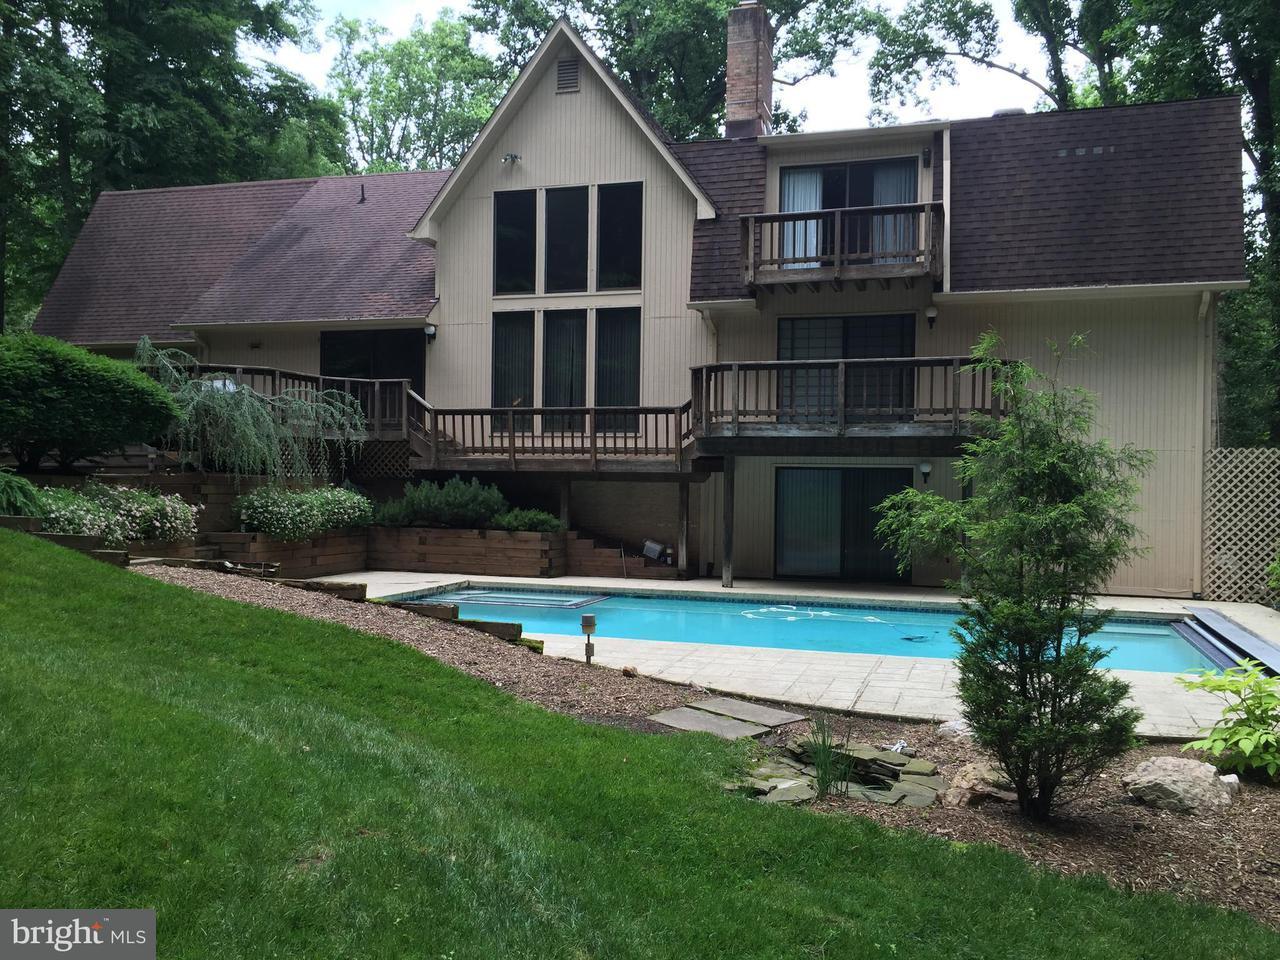 Single Family Home for Sale at 9205 Maria Avenue 9205 Maria Avenue Great Falls, Virginia 22066 United States